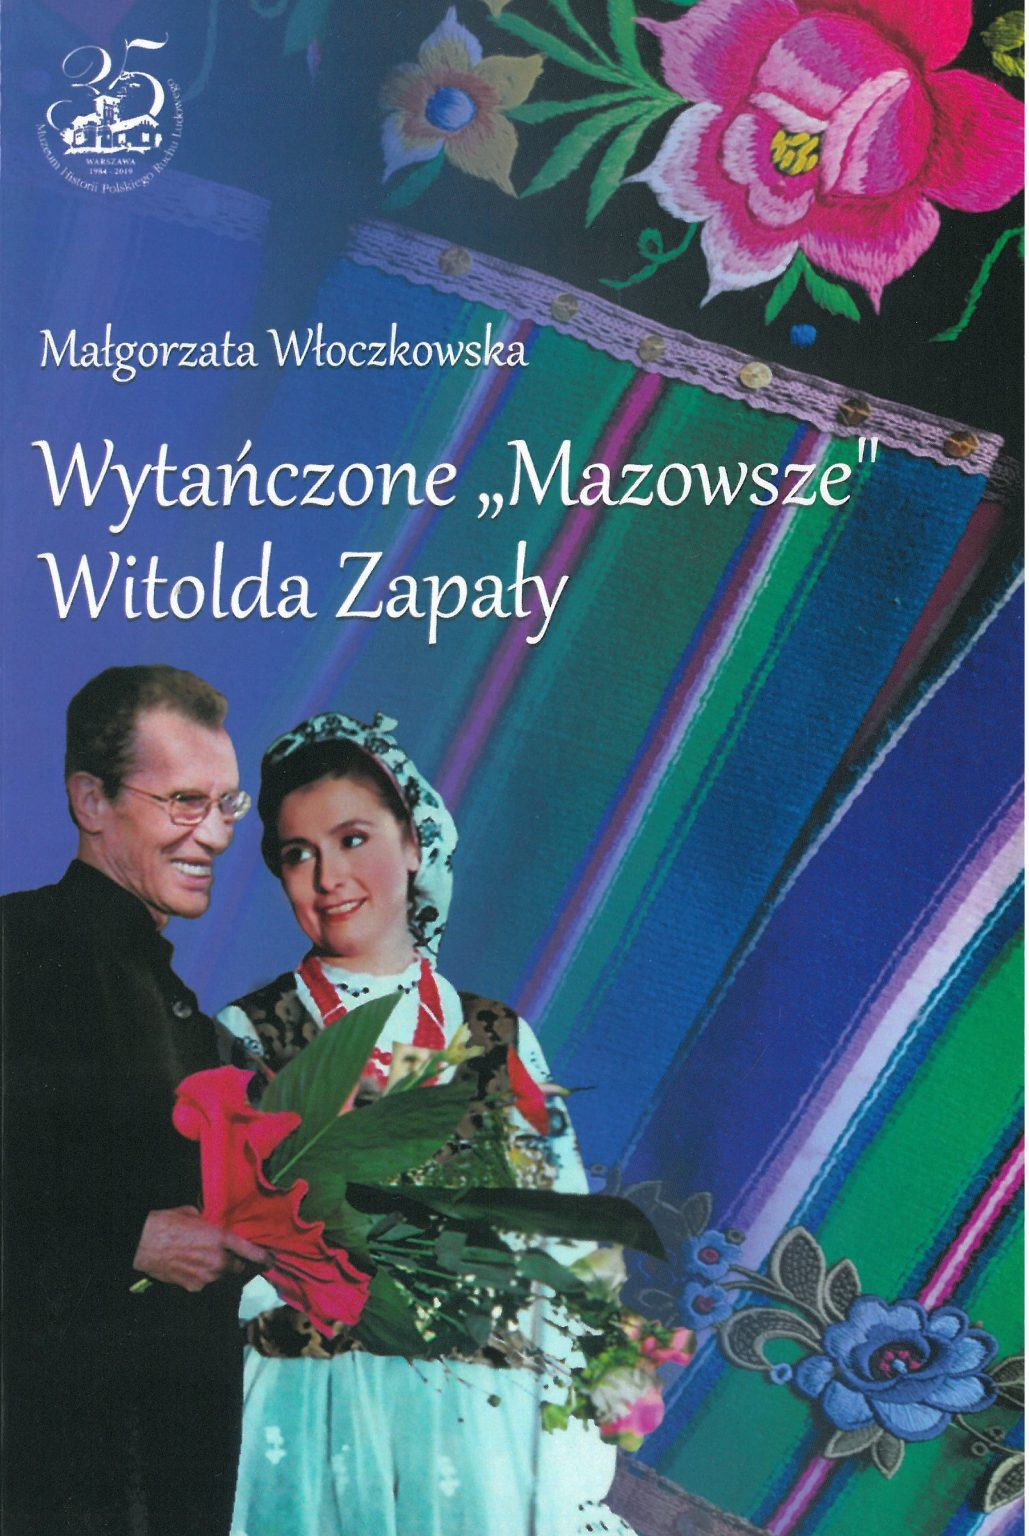 """Wytańczone """"Mazowsze"""" Witolda Zapały (M.Włoczkowska)"""